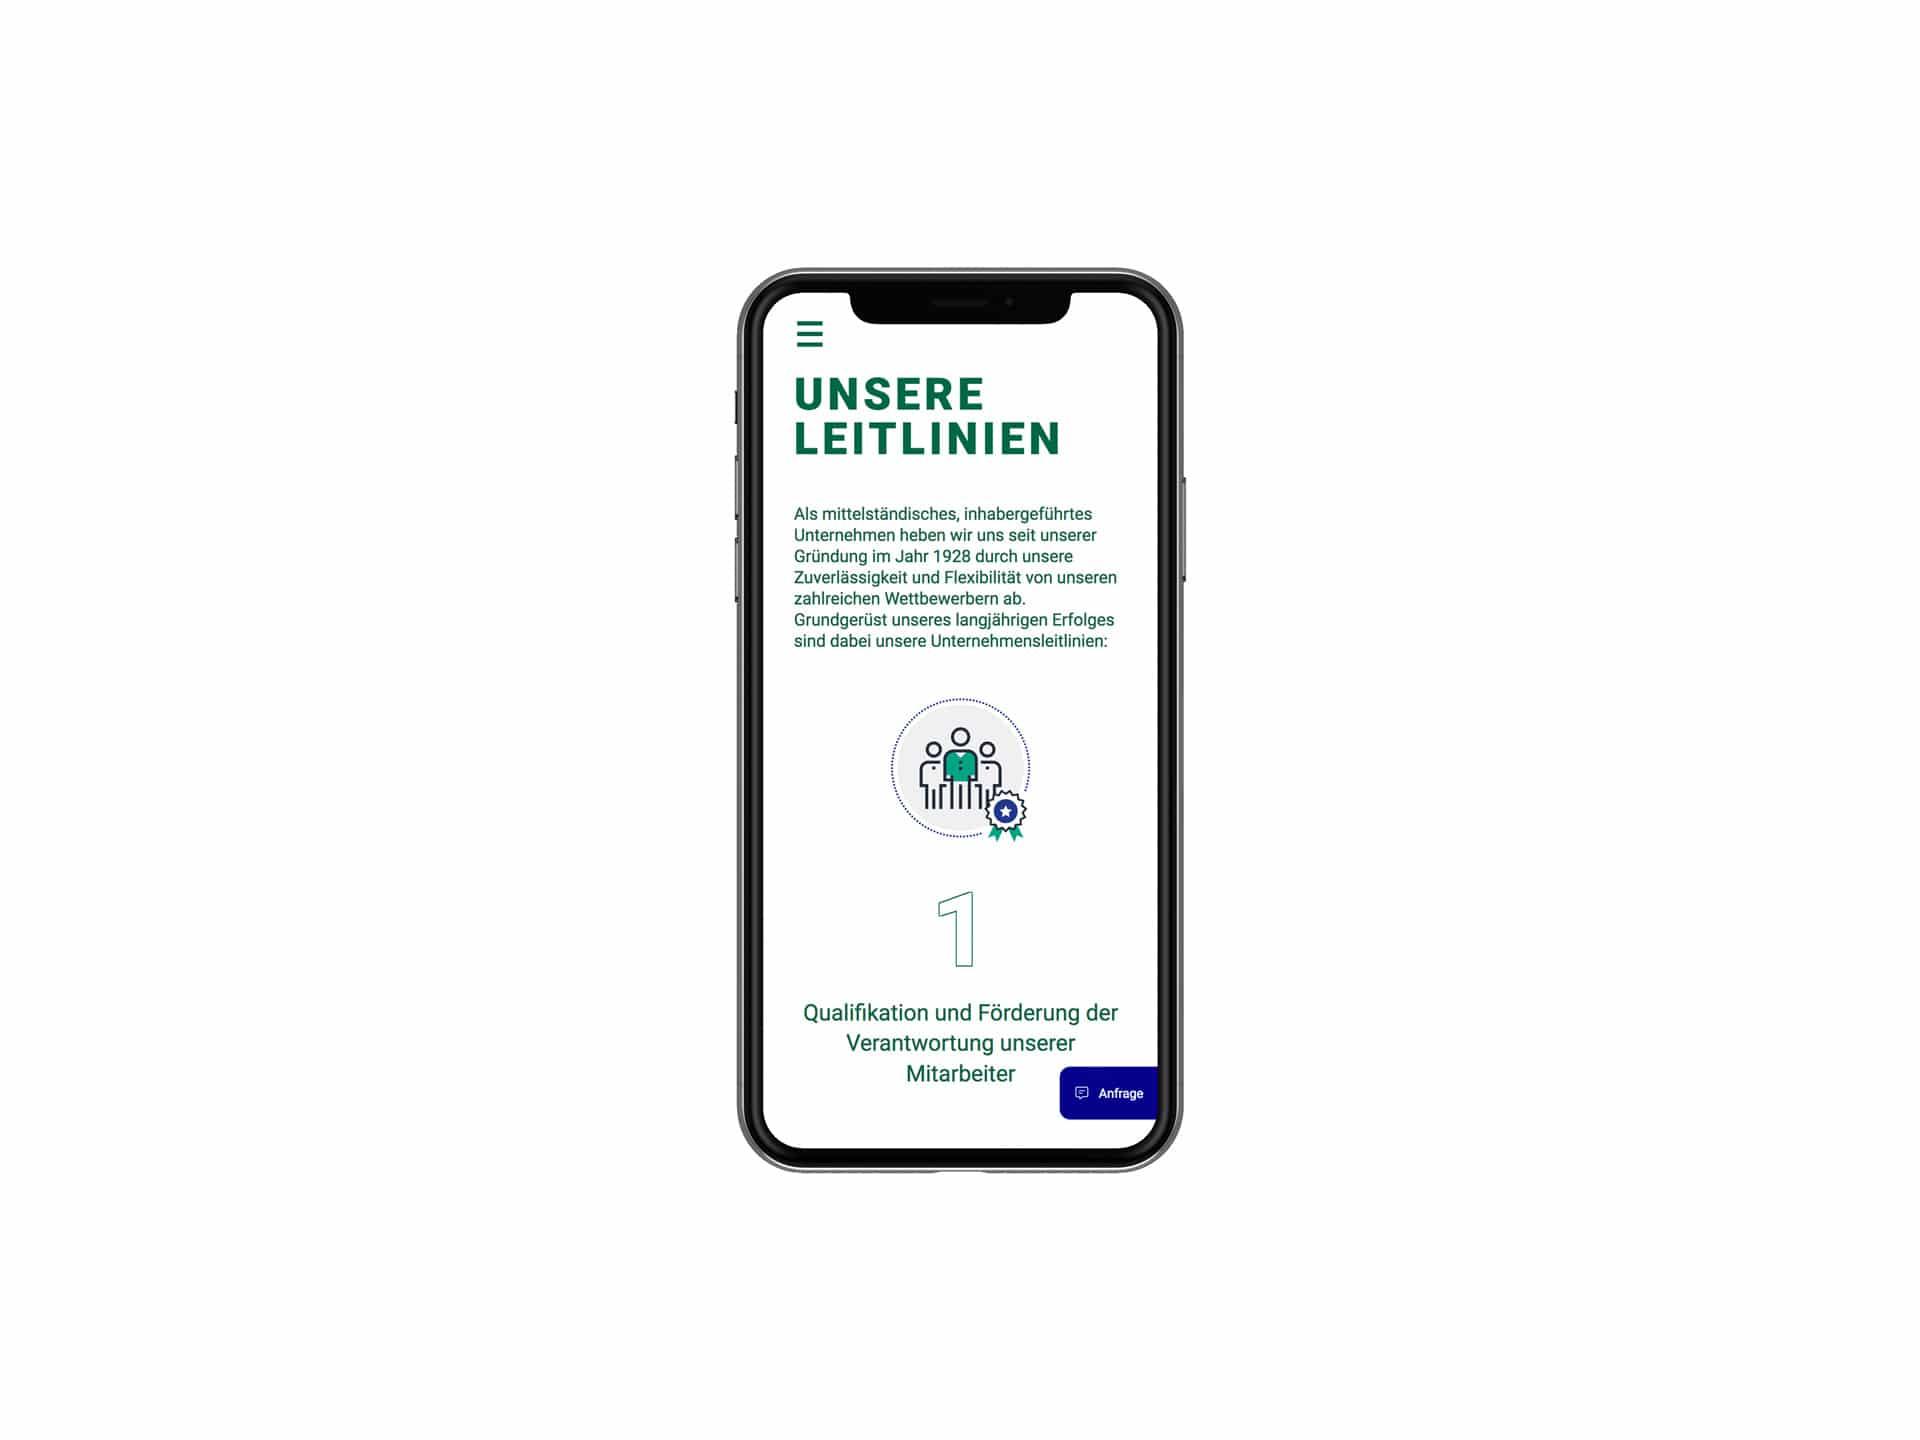 Mobile Screen Inhaltsseite Webdesign Spedition Oppel